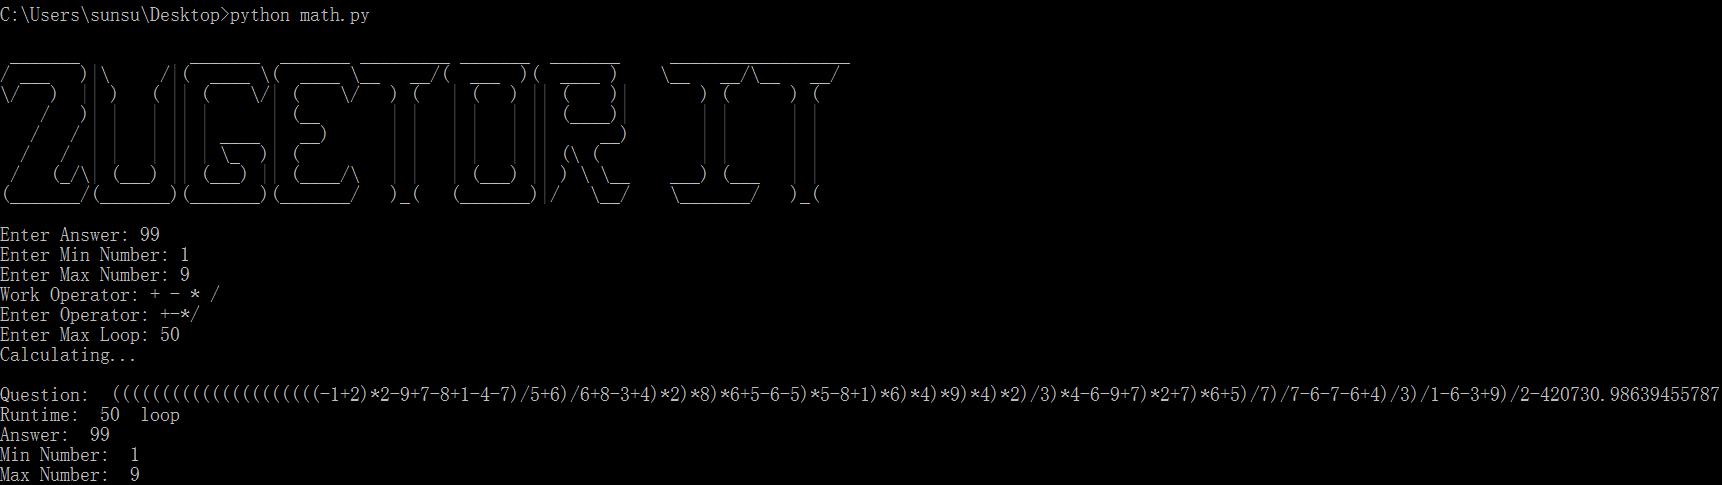 โปรแกรมสร้างโจทย์คณิตศาสตร์จากคำตอบ ด้วย Python3